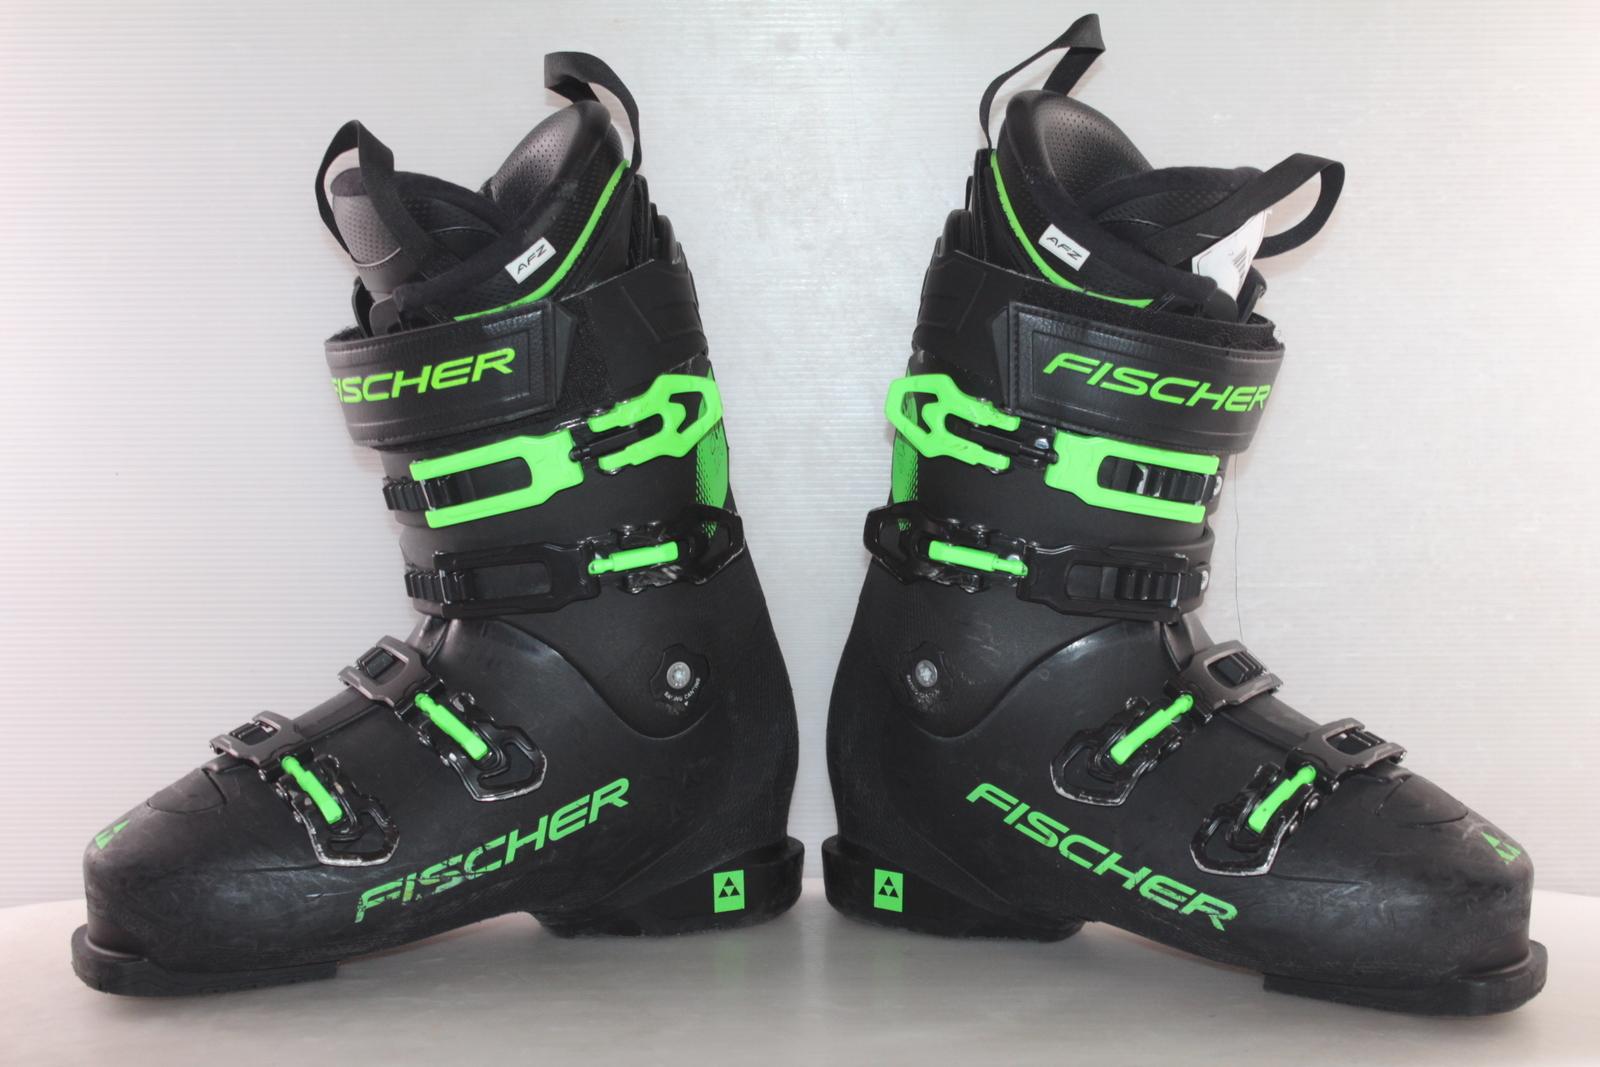 Lyžařské boty Fischer RC PRO 120 vel. EU43.5 flexe 120